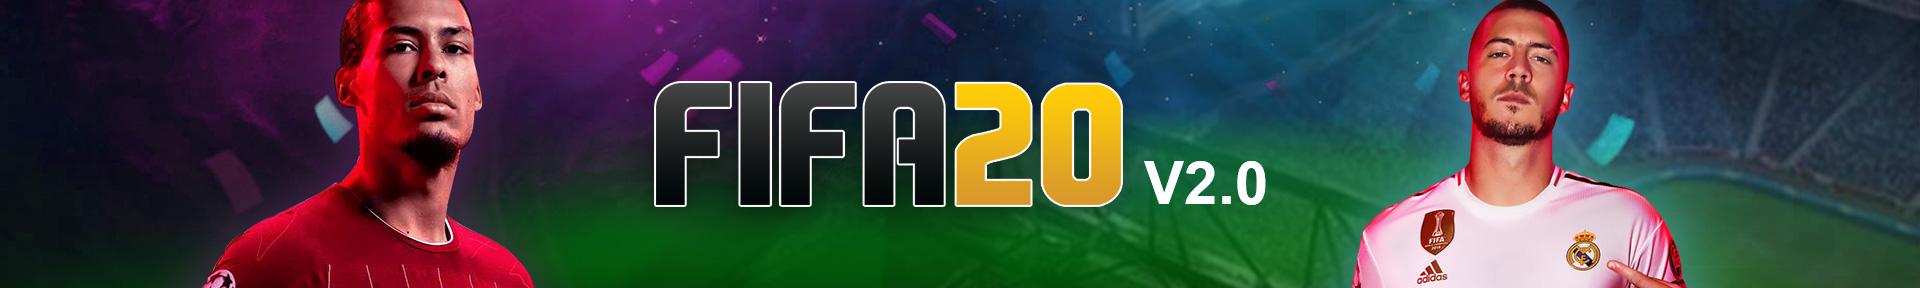 FIFA 20 Coins V2.0